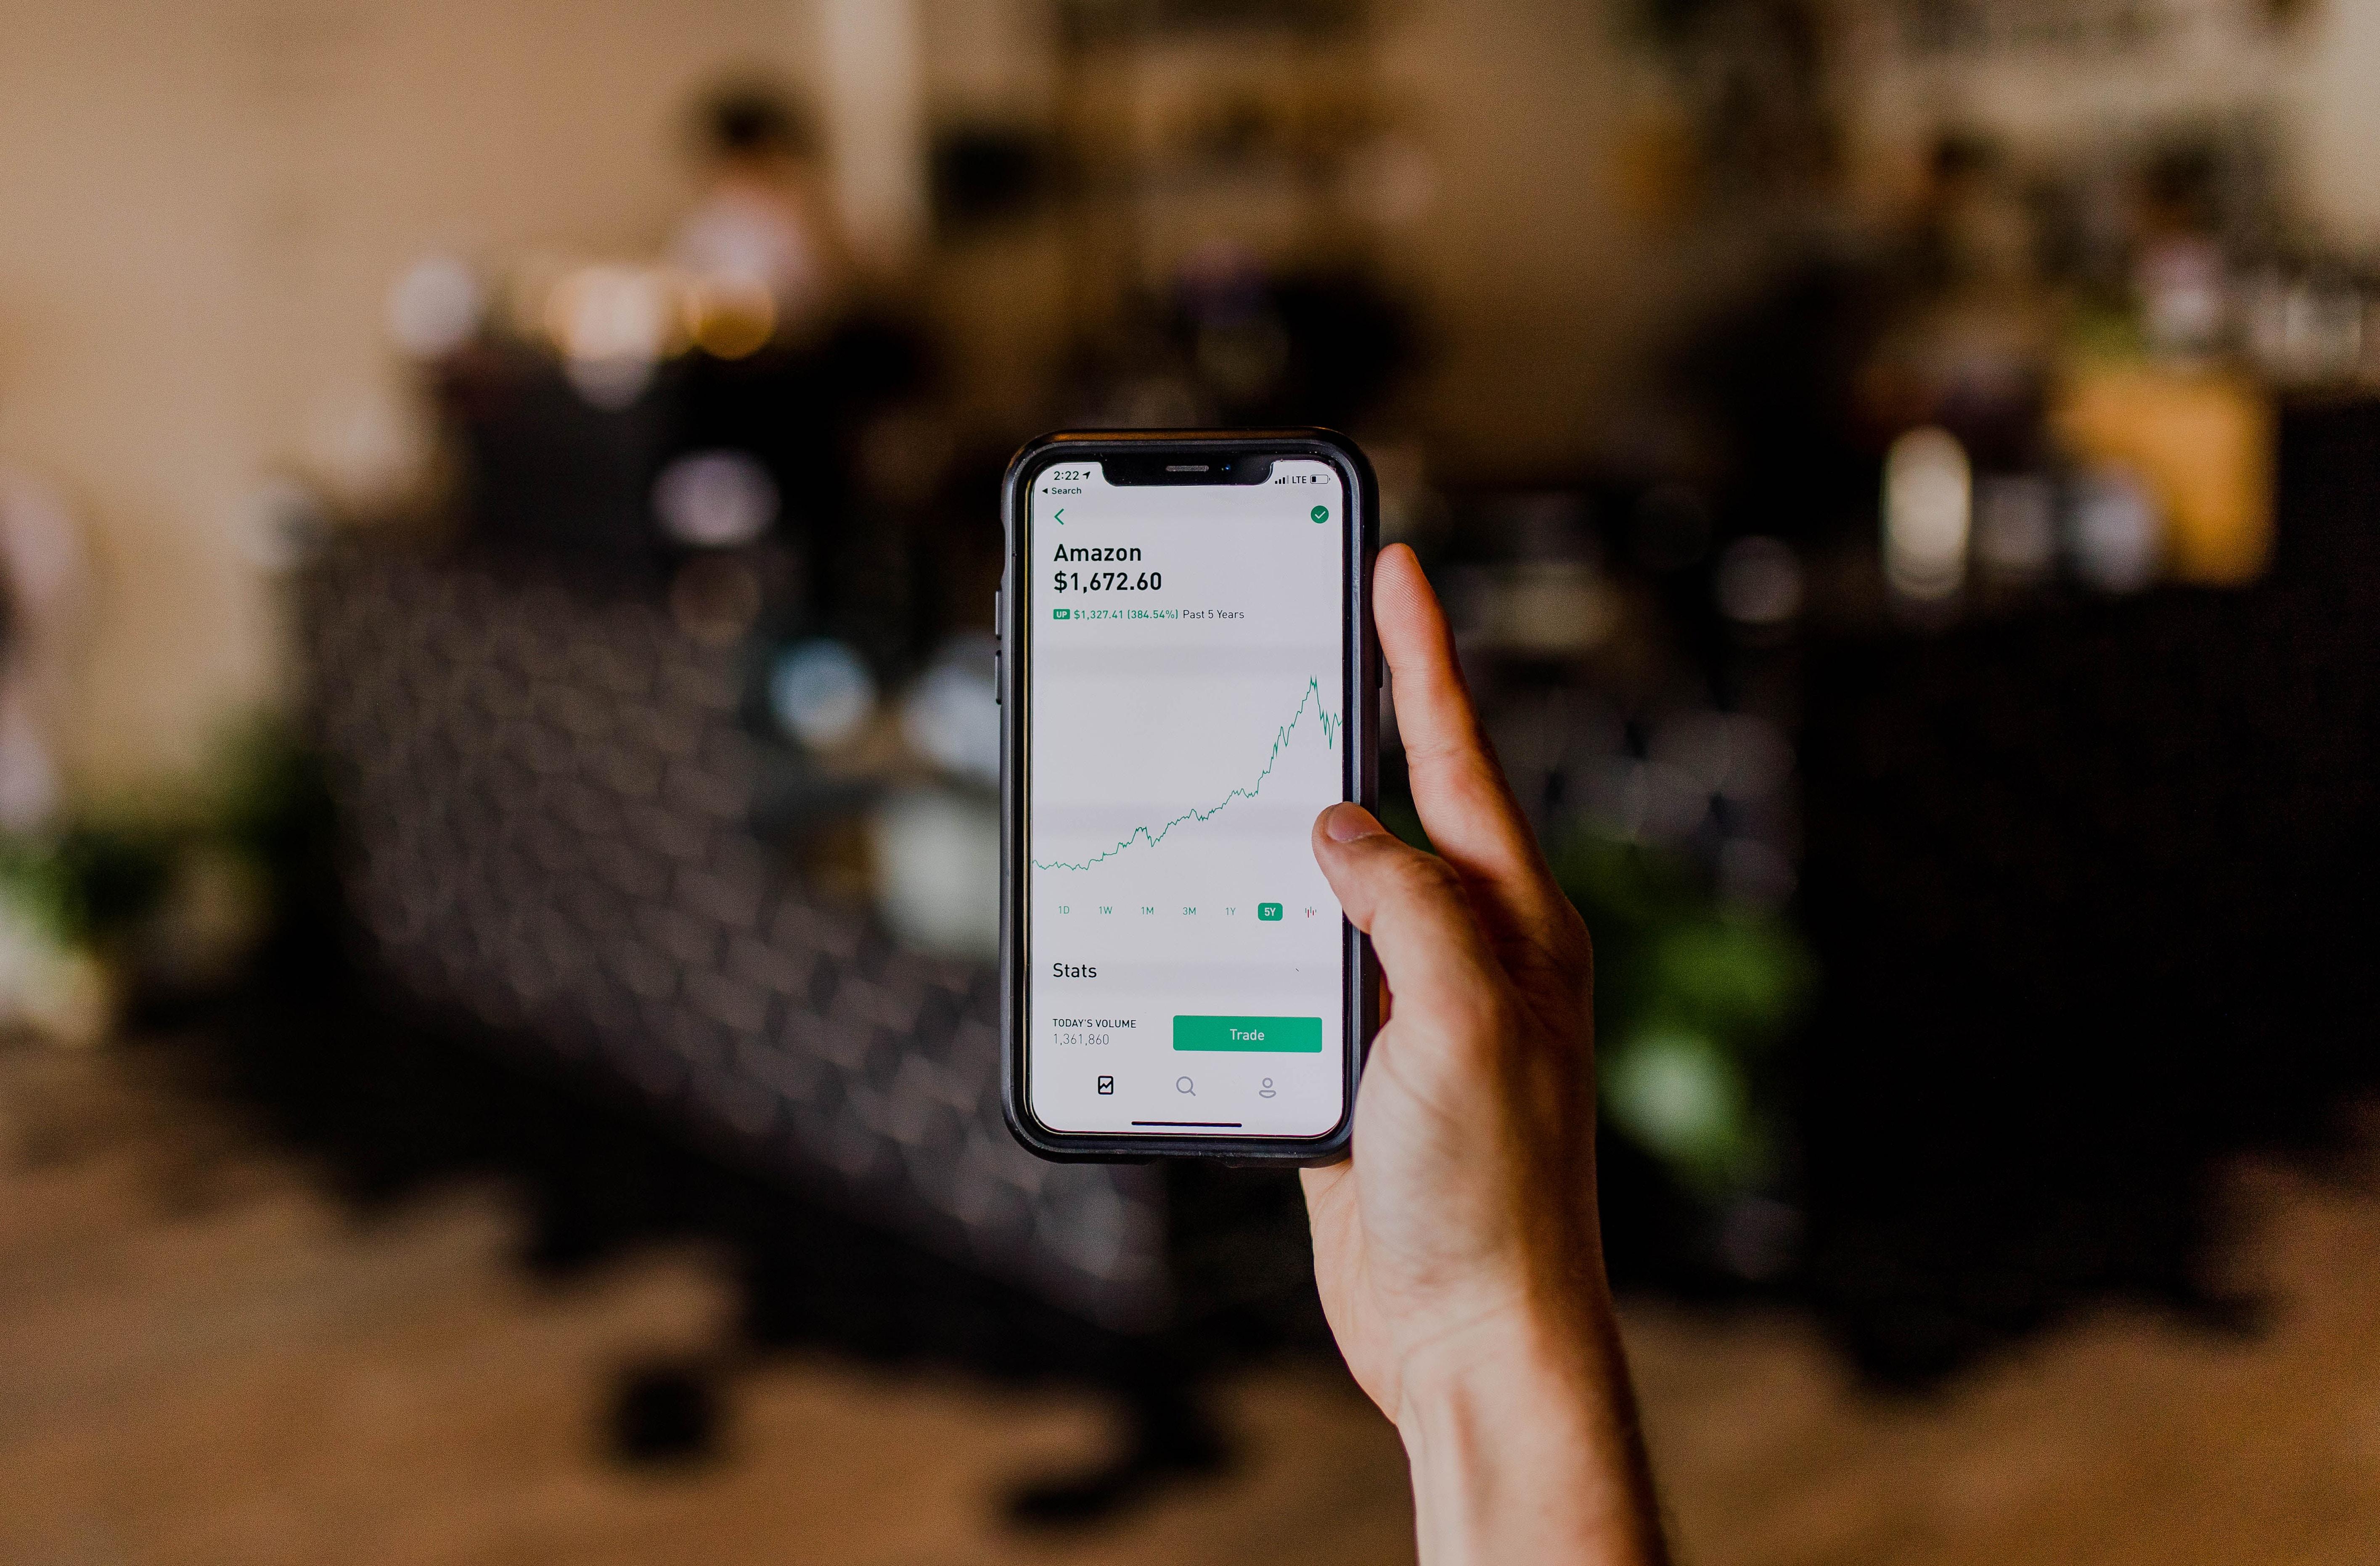 Aktien: Hand hält Smartphone mit Aktienkurs auf dem Display